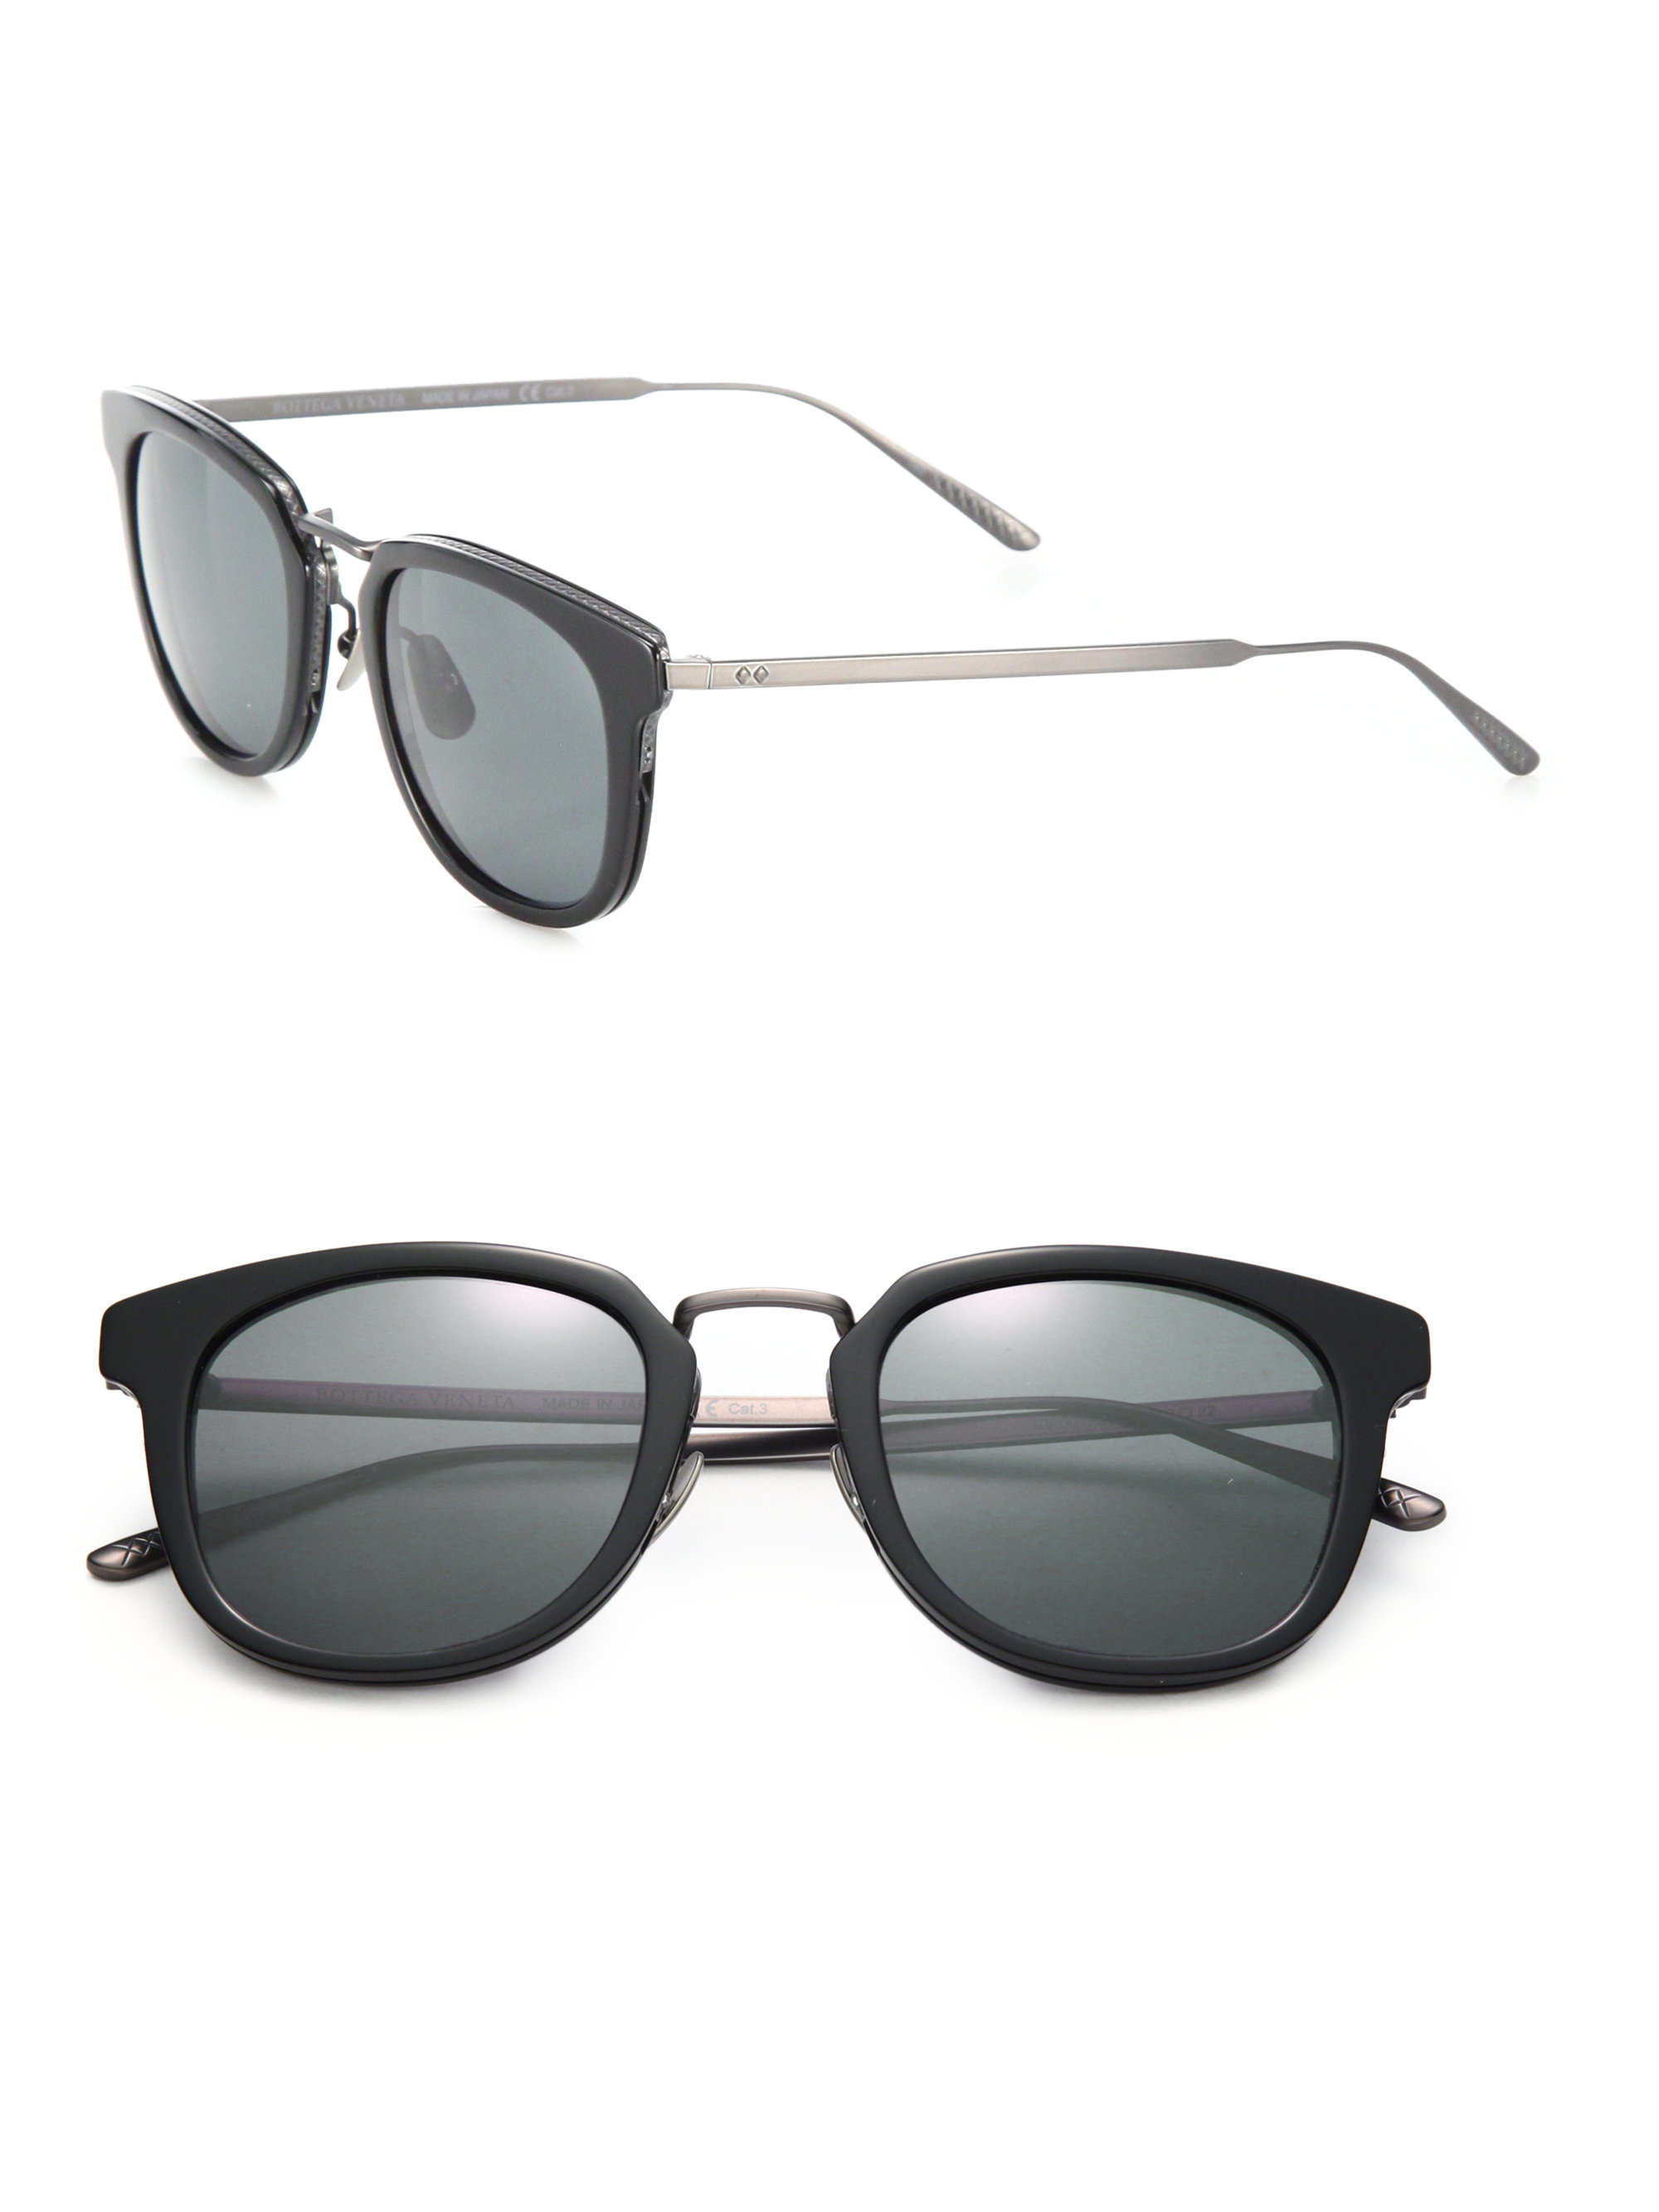 5e9ca59e0 Bottega Veneta 49mm Rectangular Titanium & Acetate Sunglasses in ...